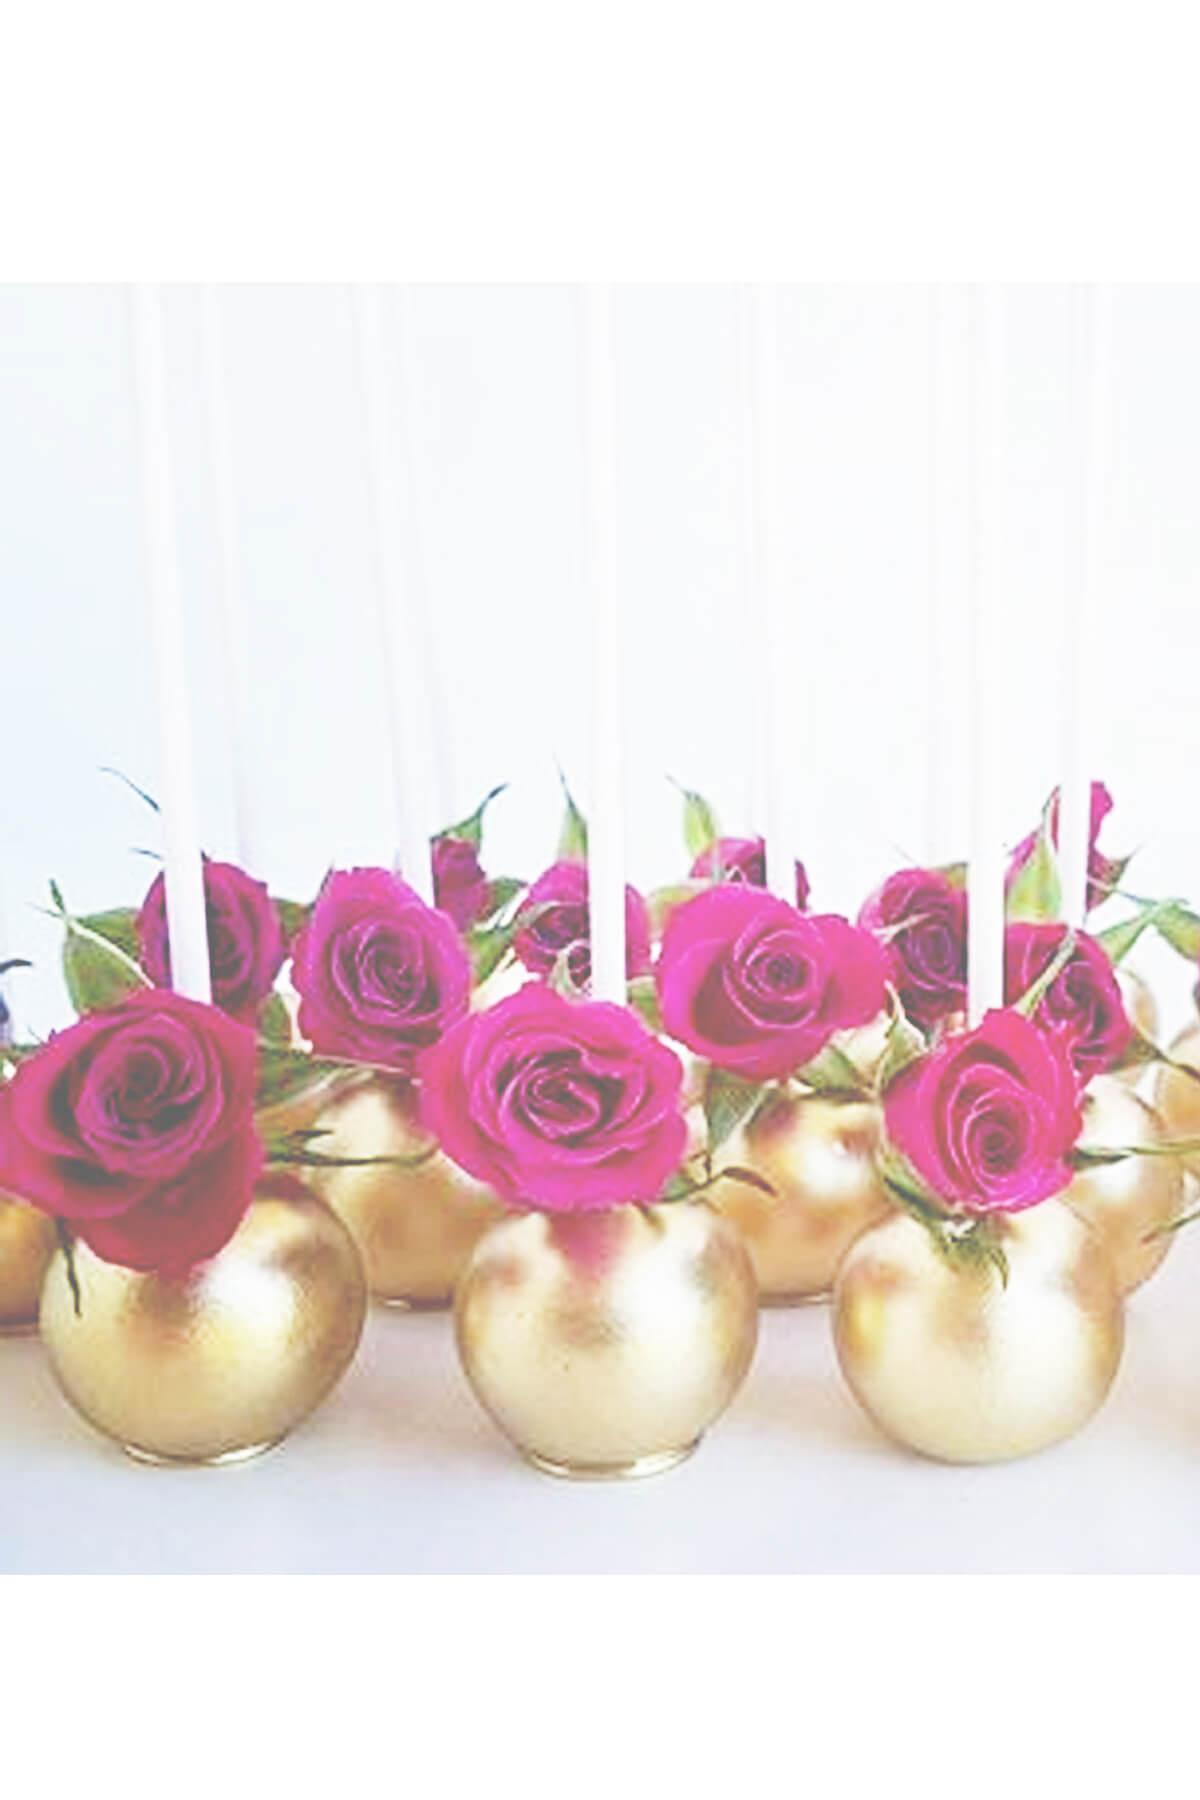 Bánh Cake pop đính hoa hồng tươi – Ngọt ngào như những viên kẹo mút